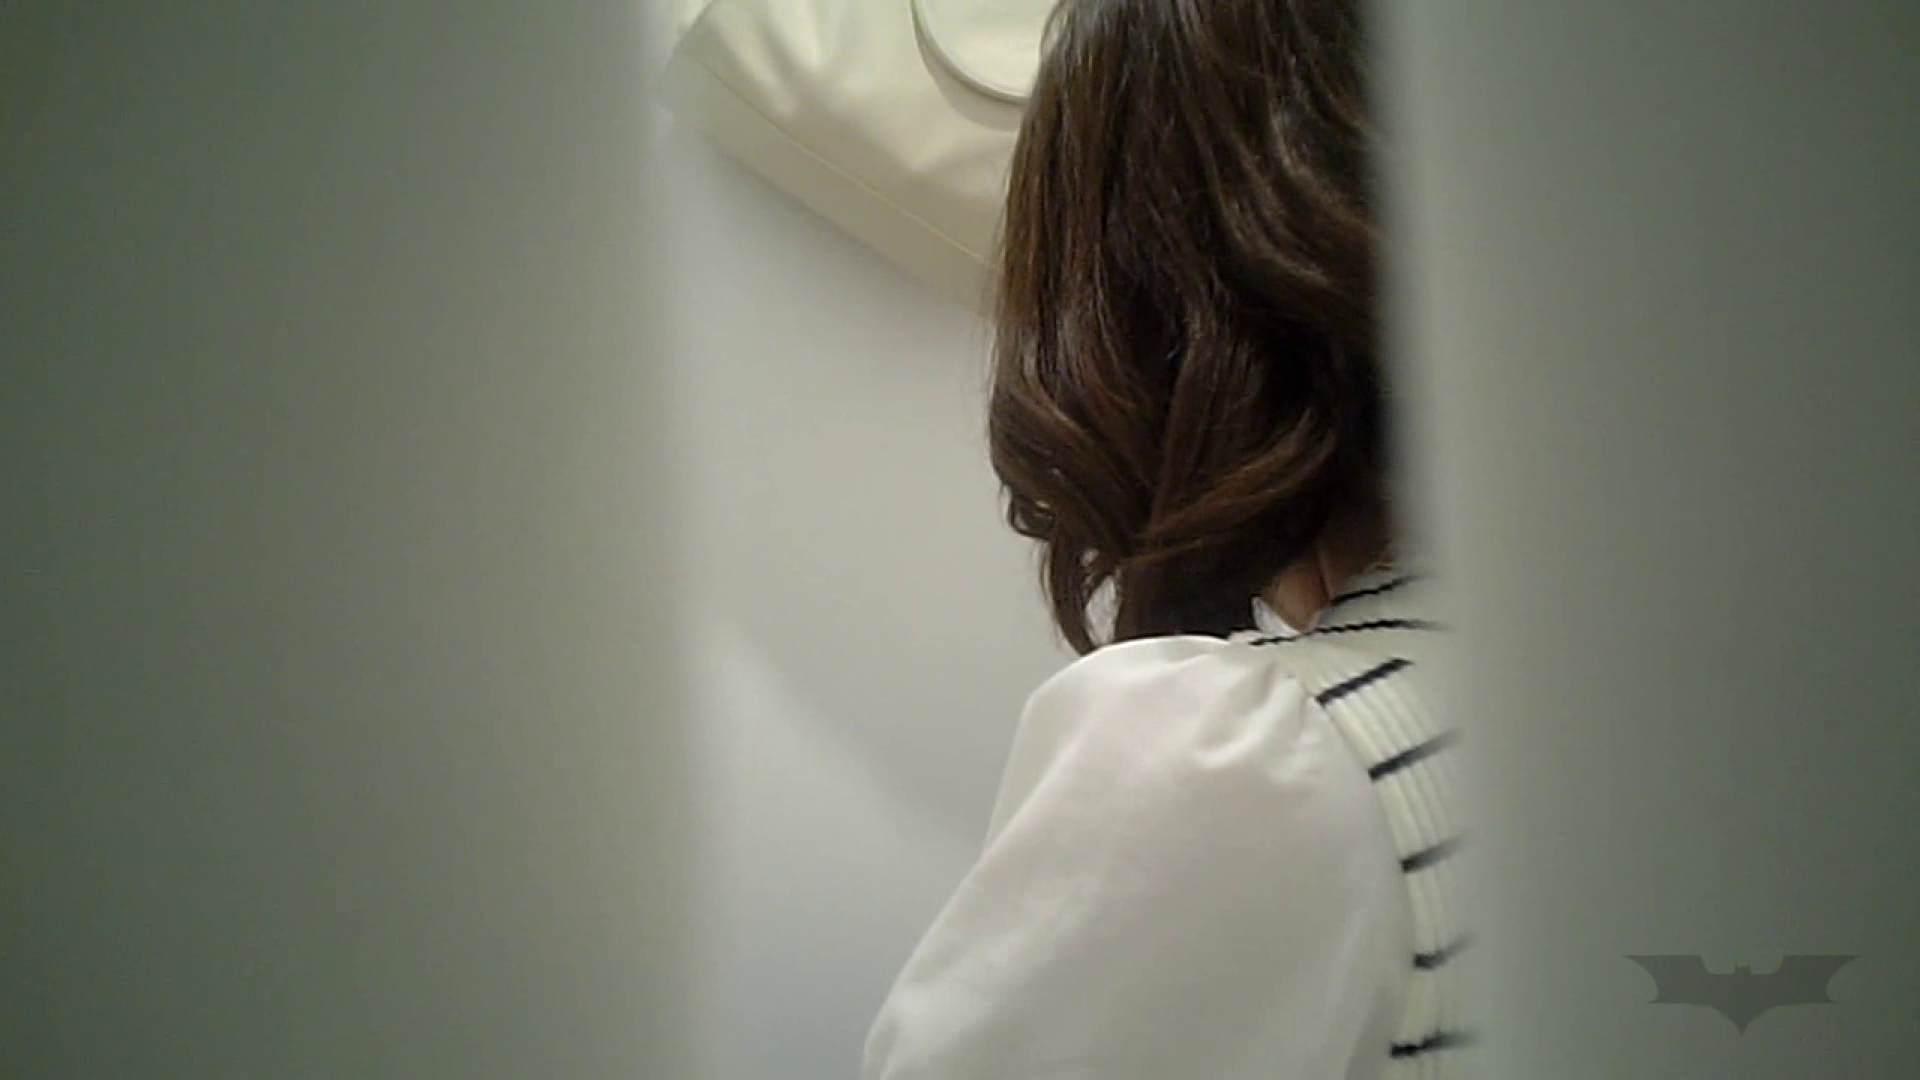 有名大学女性洗面所 vol.37 ついでにアンダーヘアーの状態確認ですね。 投稿   洗面所着替え  86連発 80